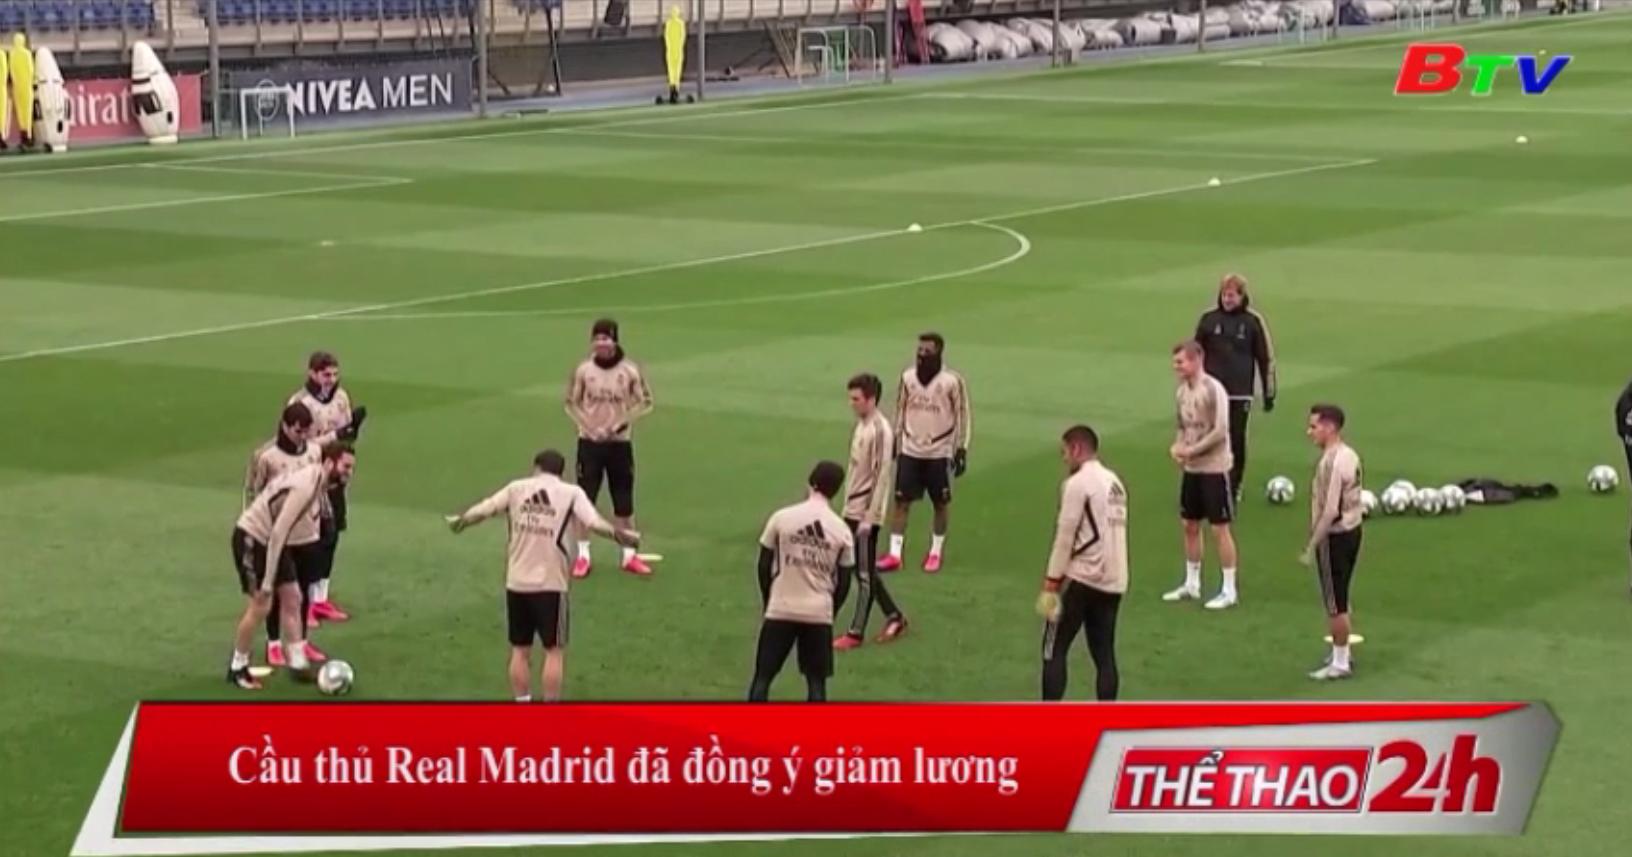 Cầu thủ Real Madrid đã đồng ý giảm lương